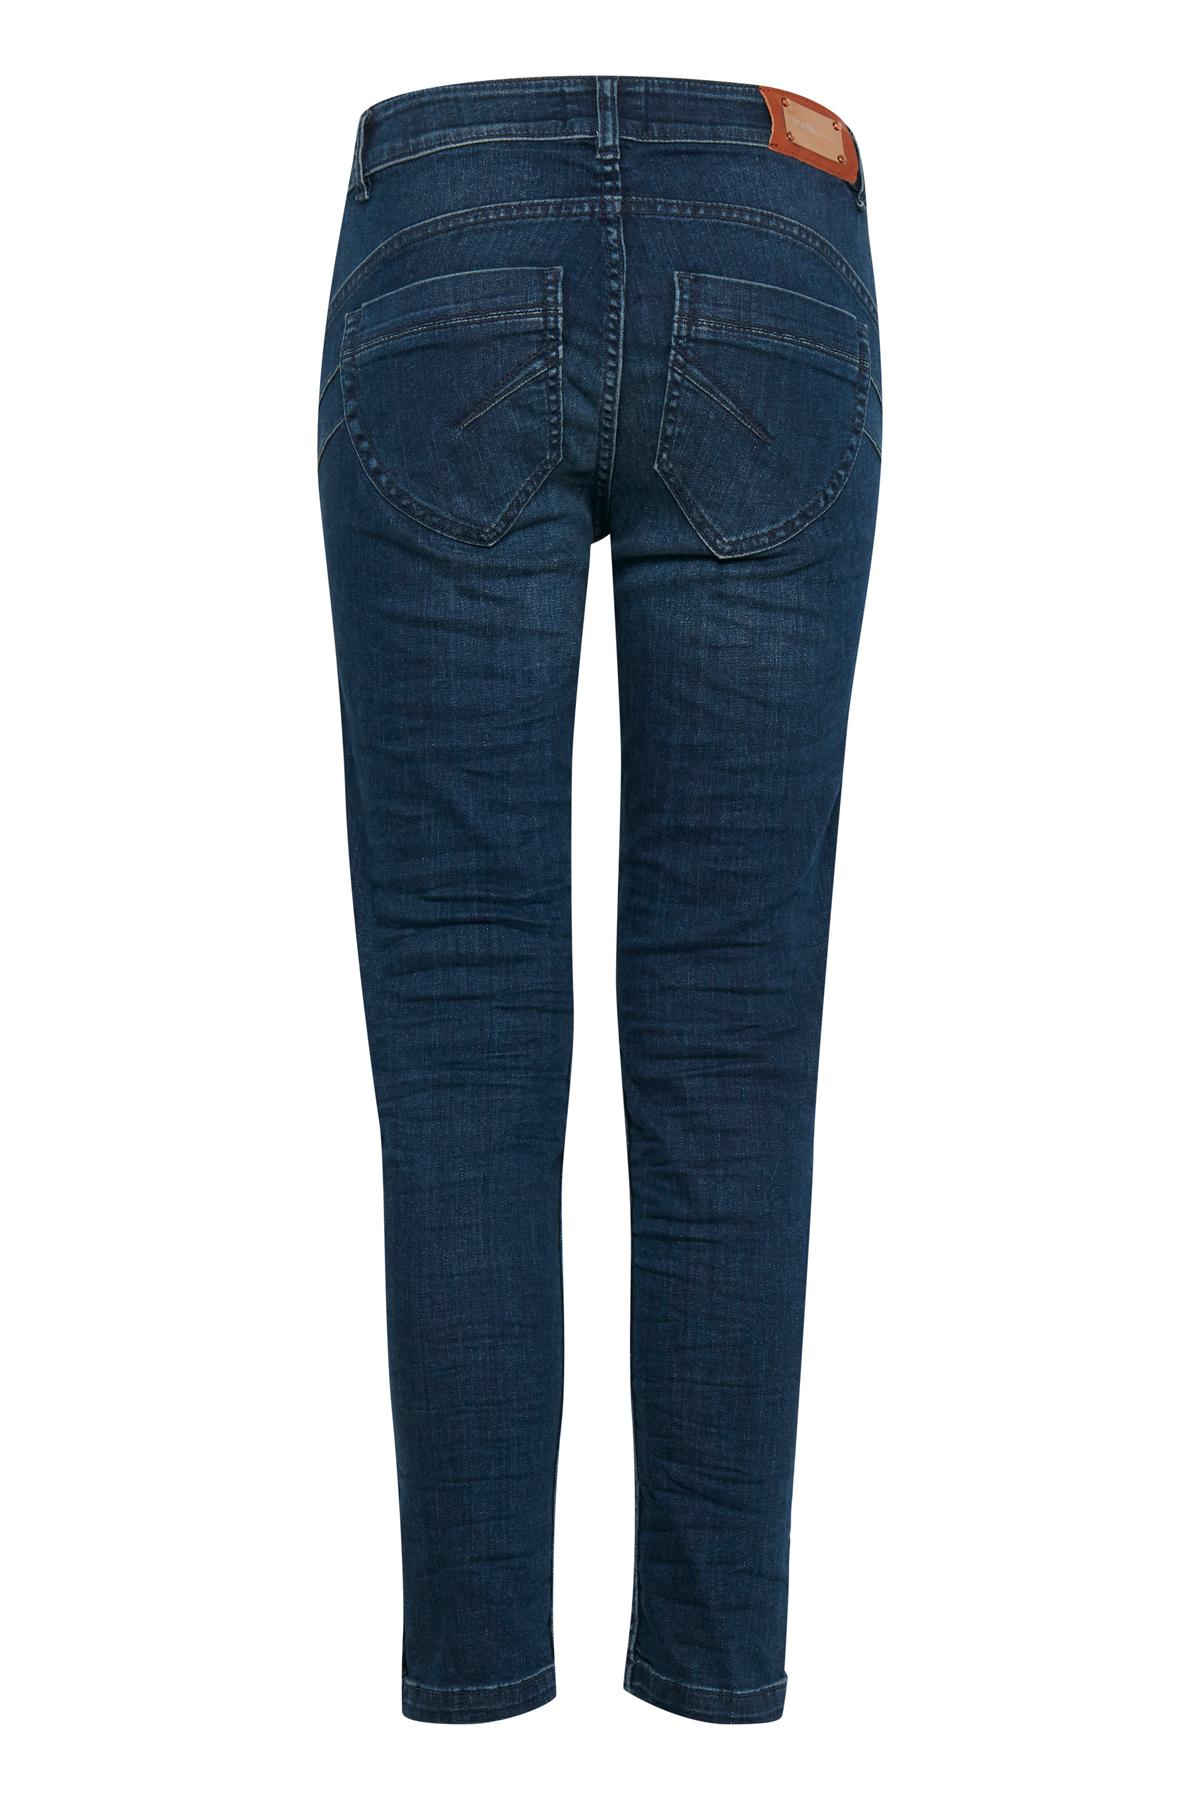 Mørk denimblå Jeans fra Dranella – Køb Mørk denimblå Jeans fra str. 32-46 her